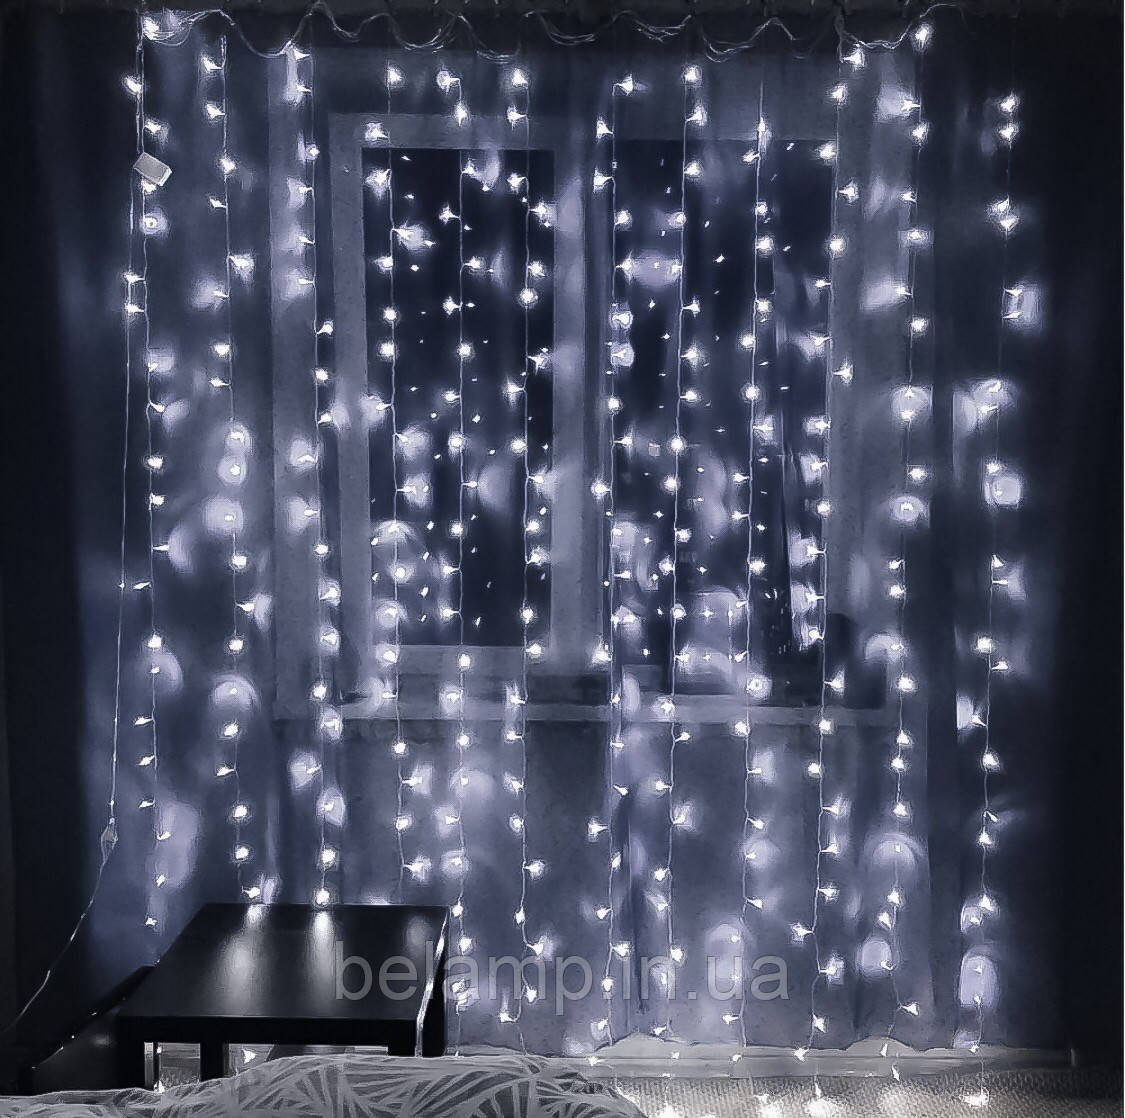 Новогодняя гирлянда штора 3 м.на 3 м  на окно «Белоснежная»